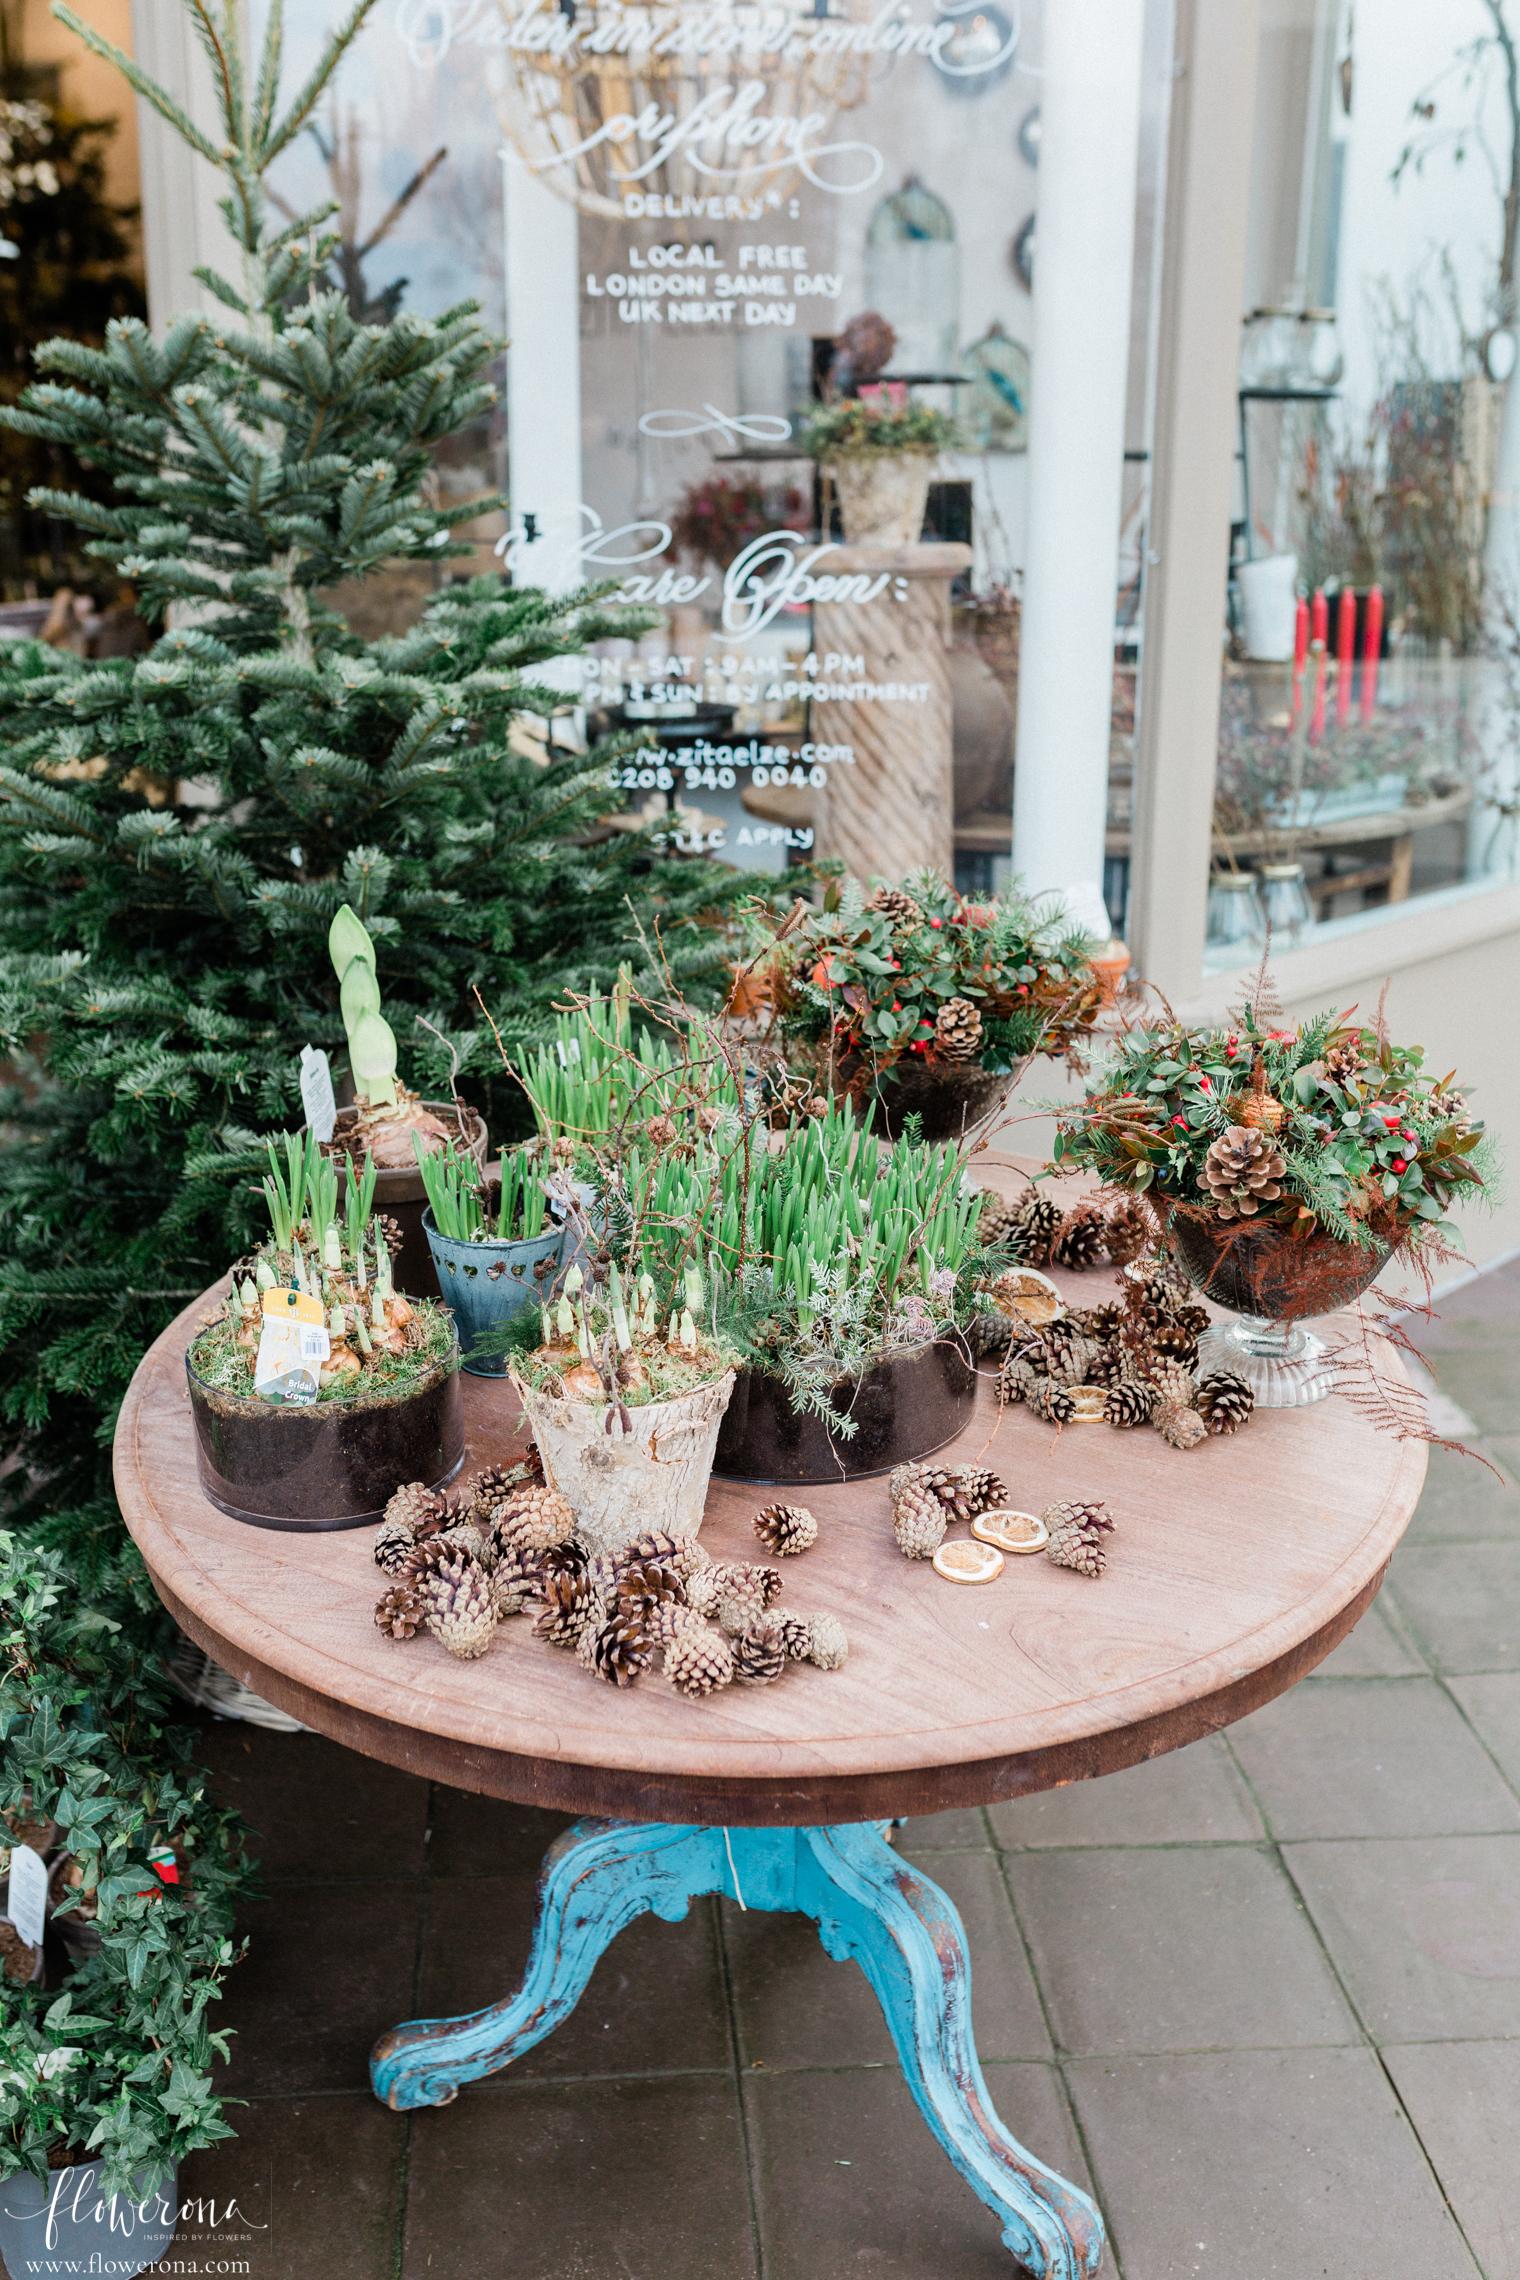 Zita Elze's flower shop